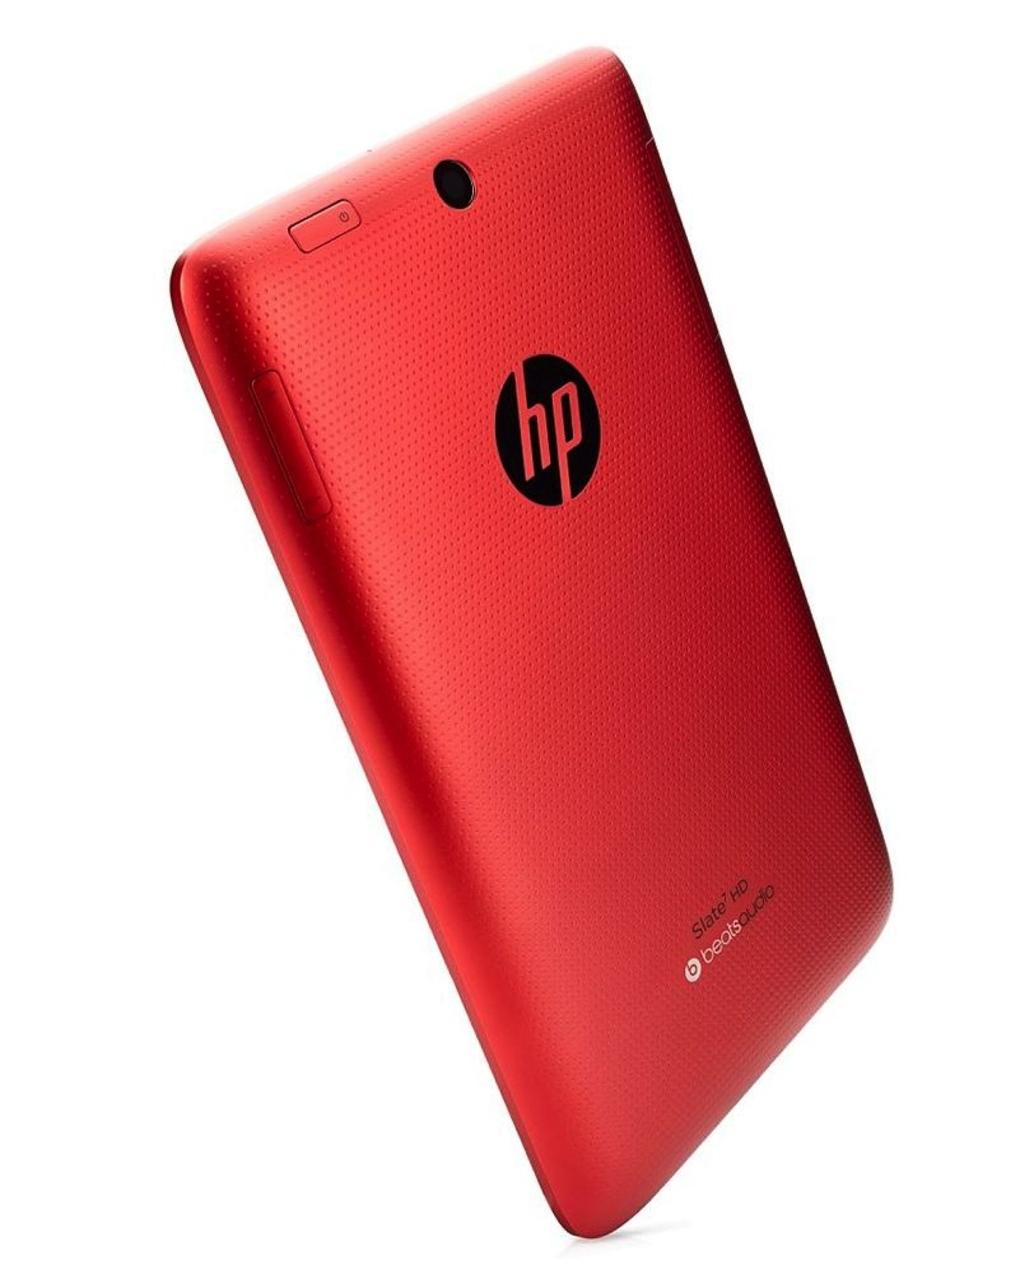 HP_Slate_7_HD_3G_back_verge_super_wide.